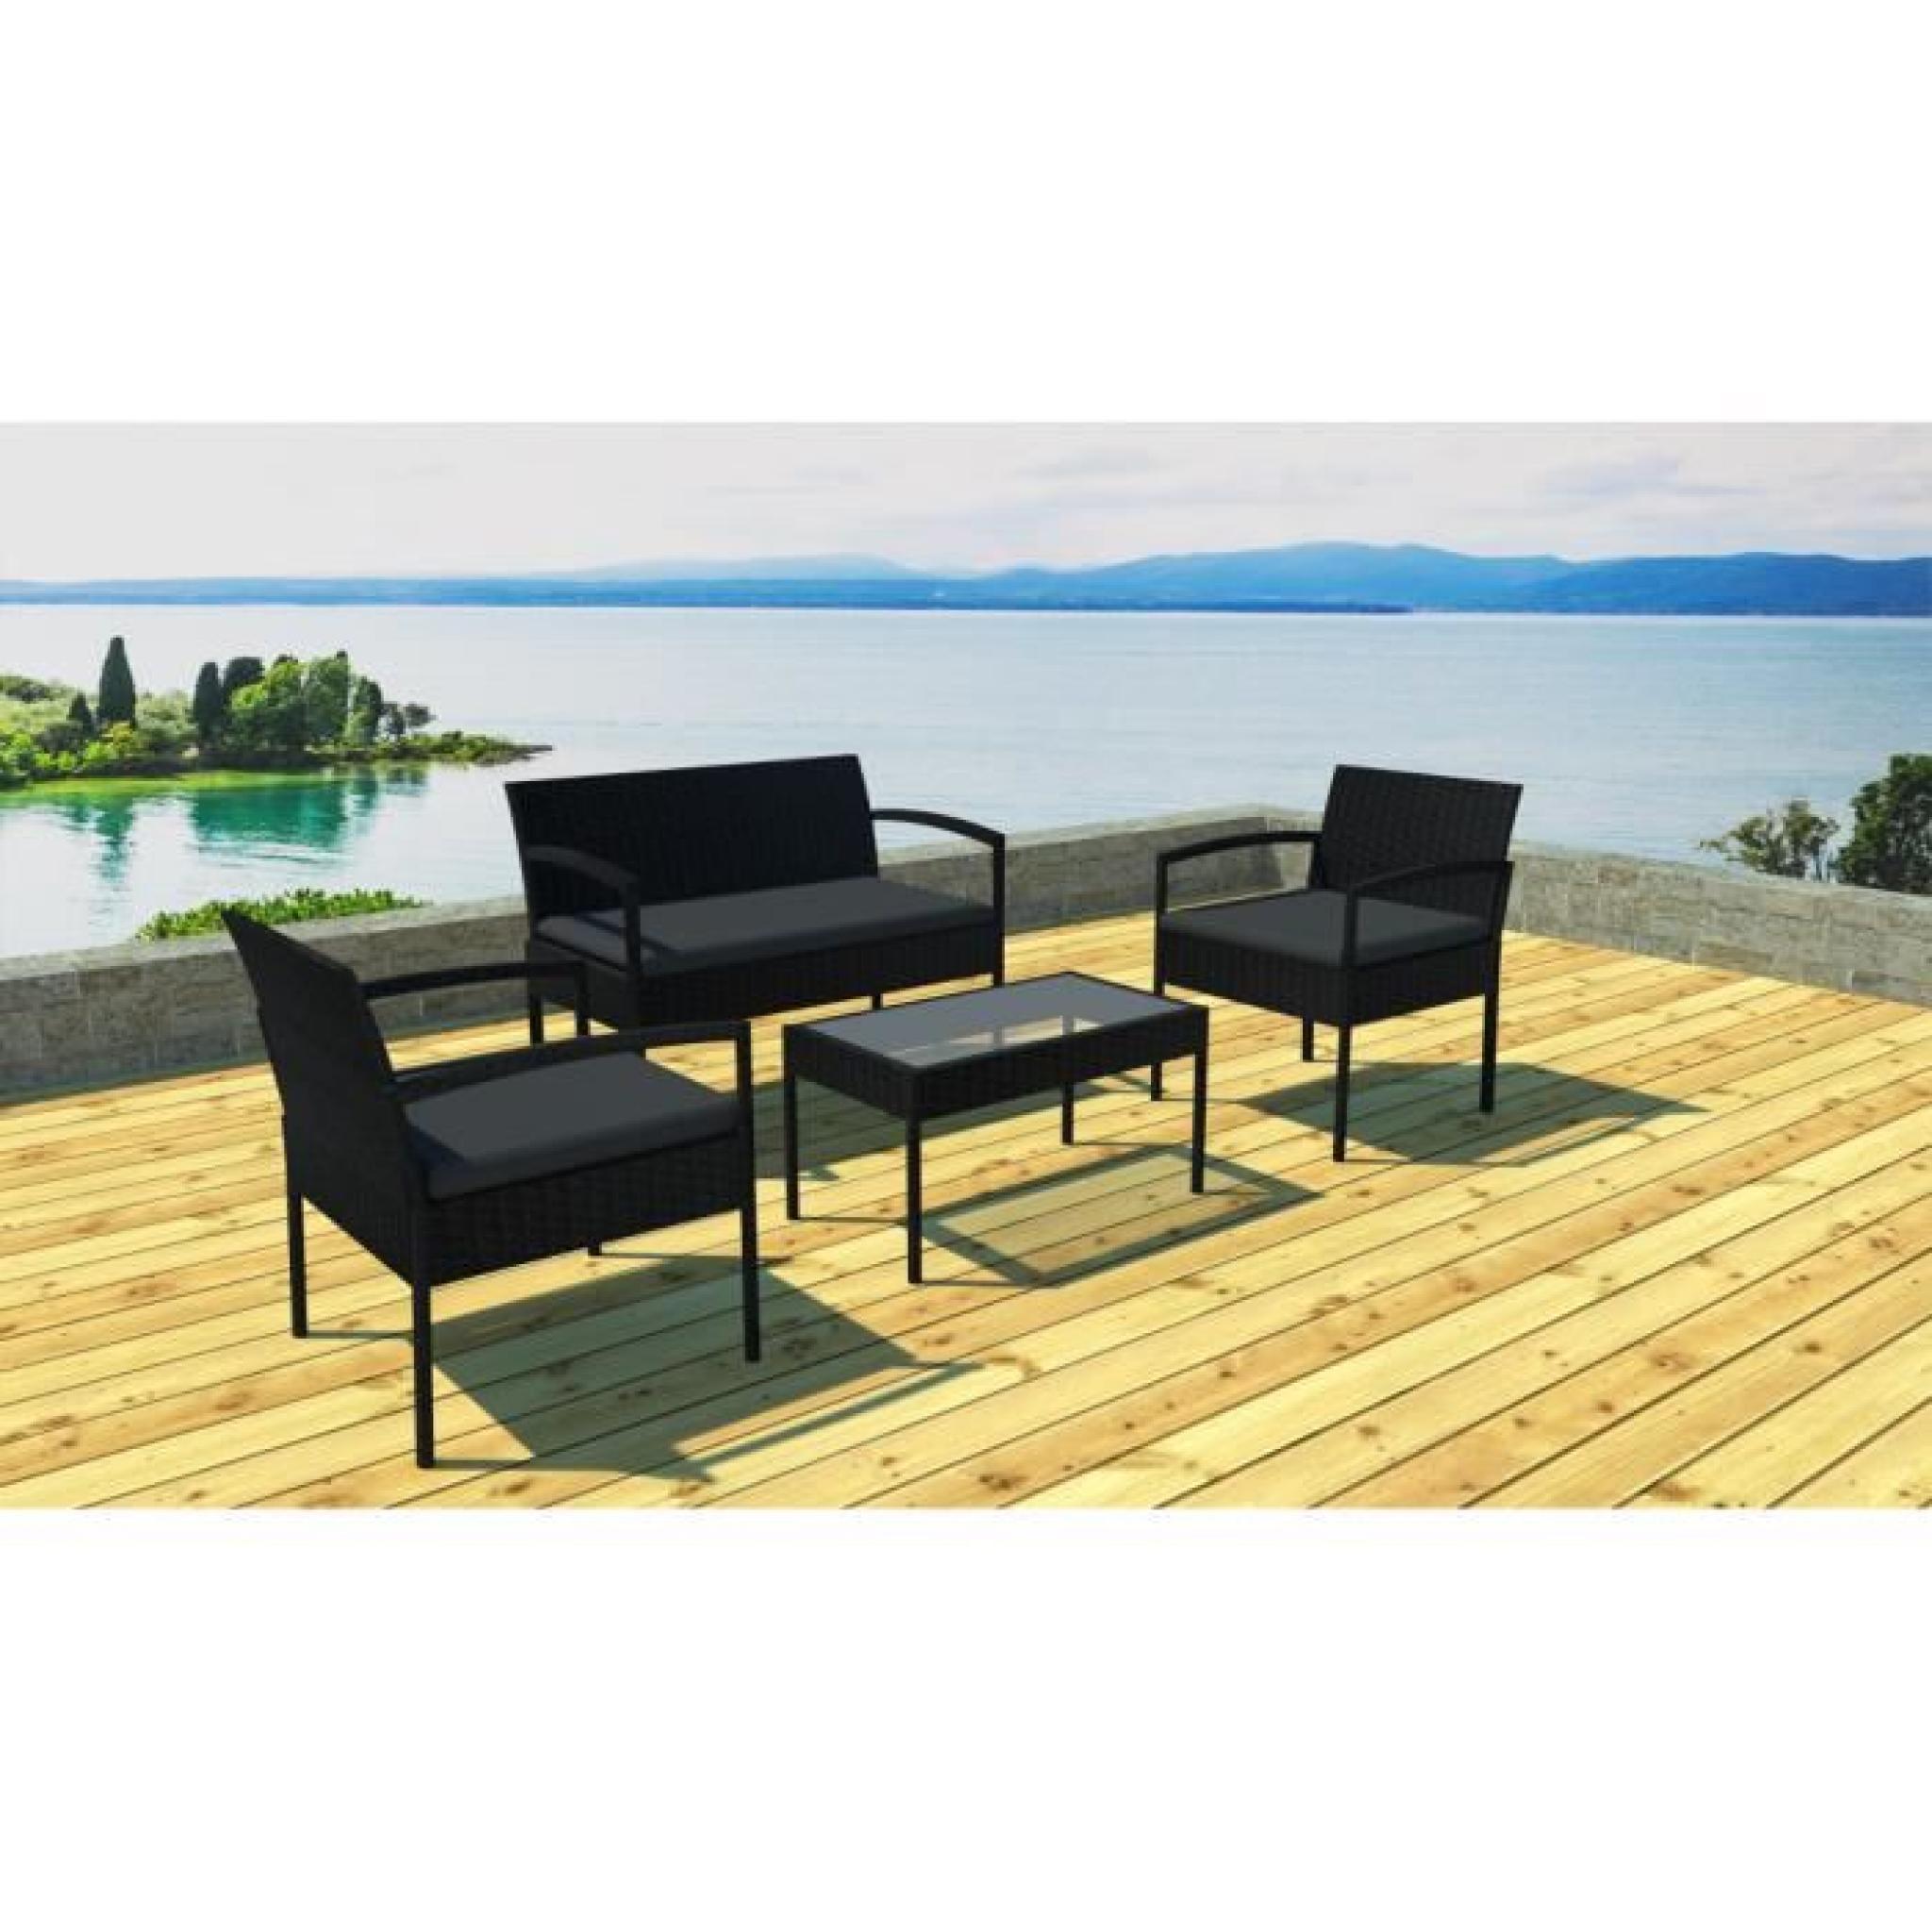 Salon de jardin canapé, fauteuils et table Noir/noir - Achat/Vente ...